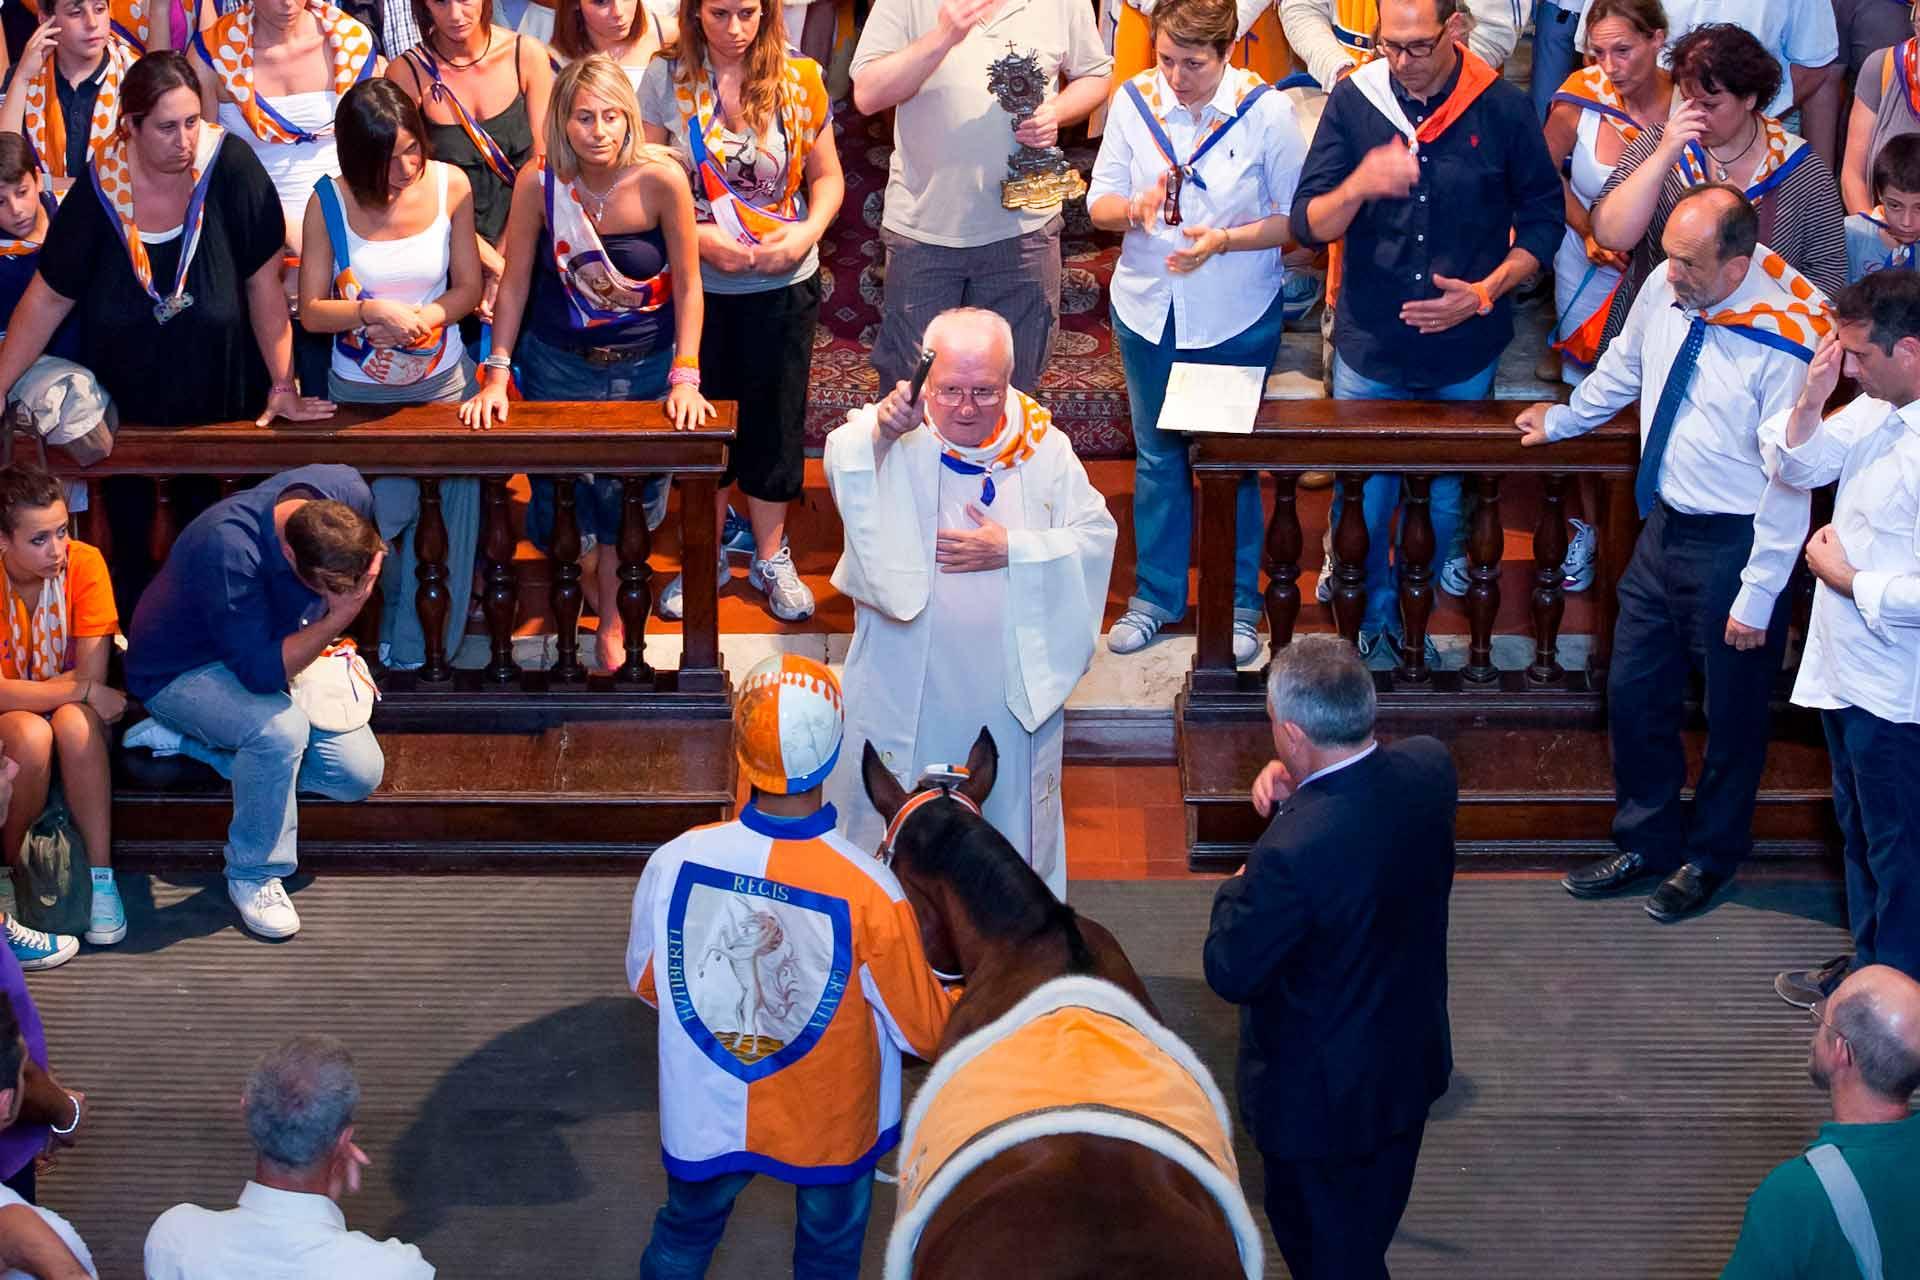 LA BENEDIZIONE DEL BARBERO ? Li riceveranno dalle mani del sacerdote, la benedizione del Santo Patrono, affinch? entrambi vengano preservati dai pericoli e dalle insidie della corsa.